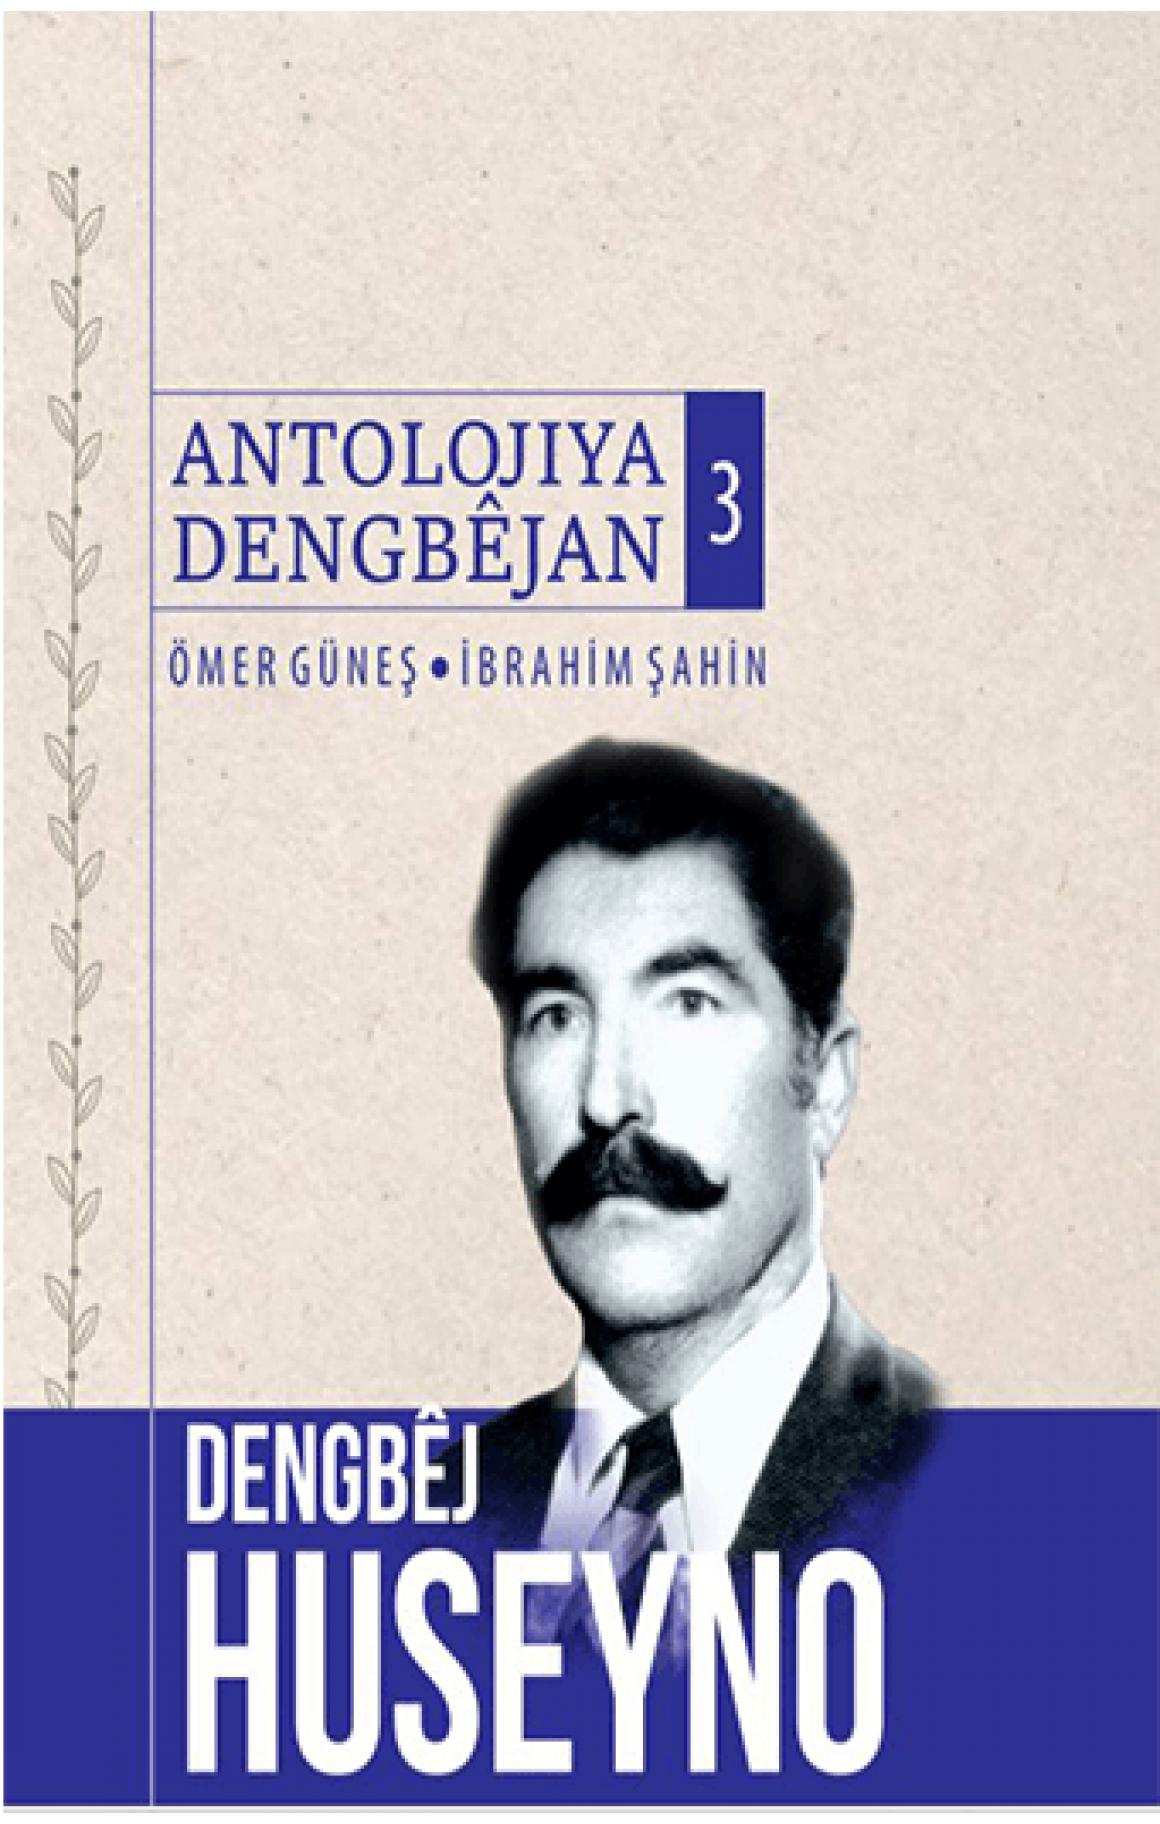 Dengbêj Huseyno Antolojiya Dengbêjan 3